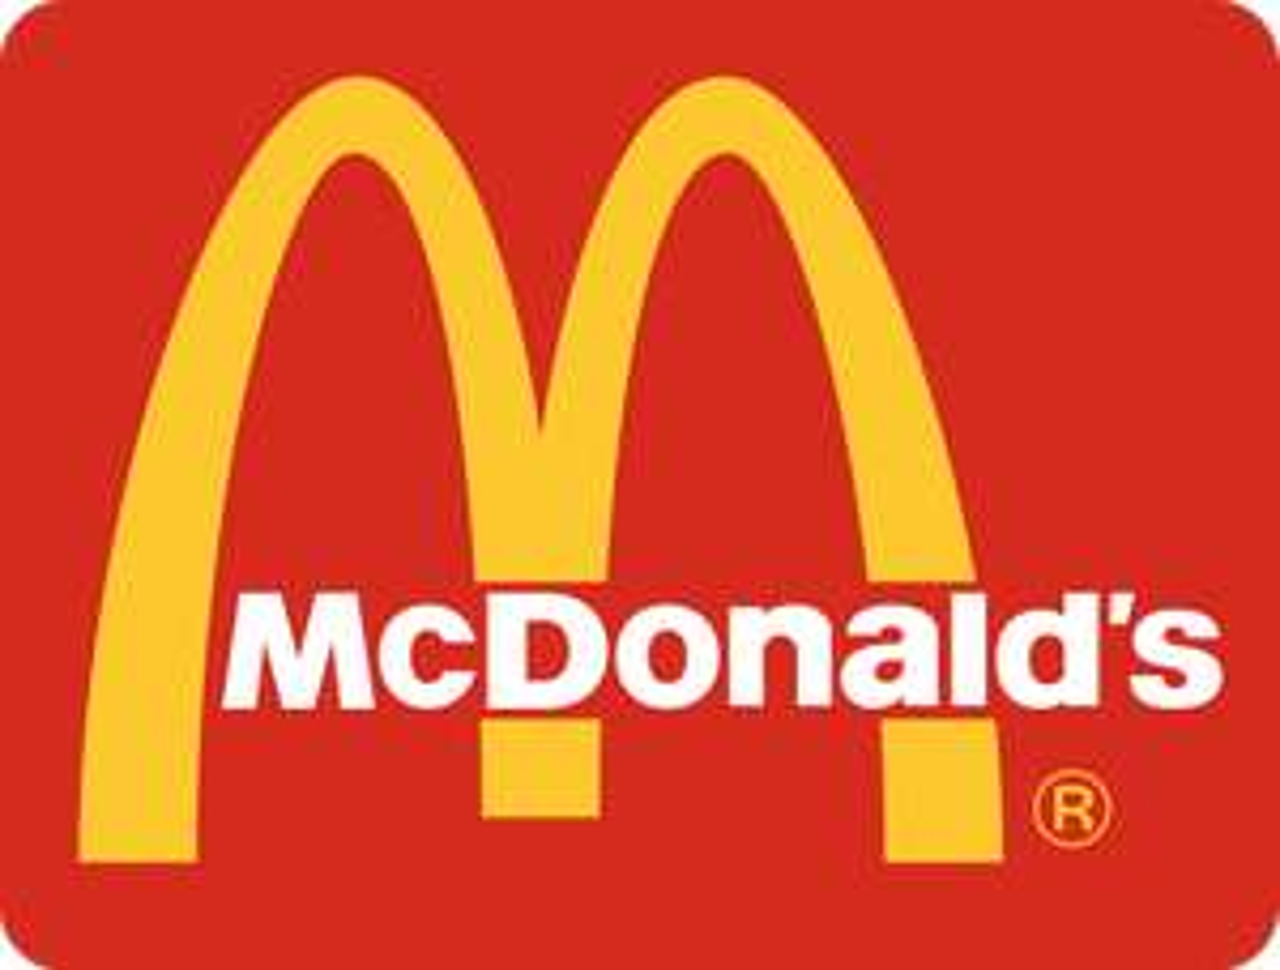 Gratis tweede Big Mac bij aankoop van een Big Mac menu